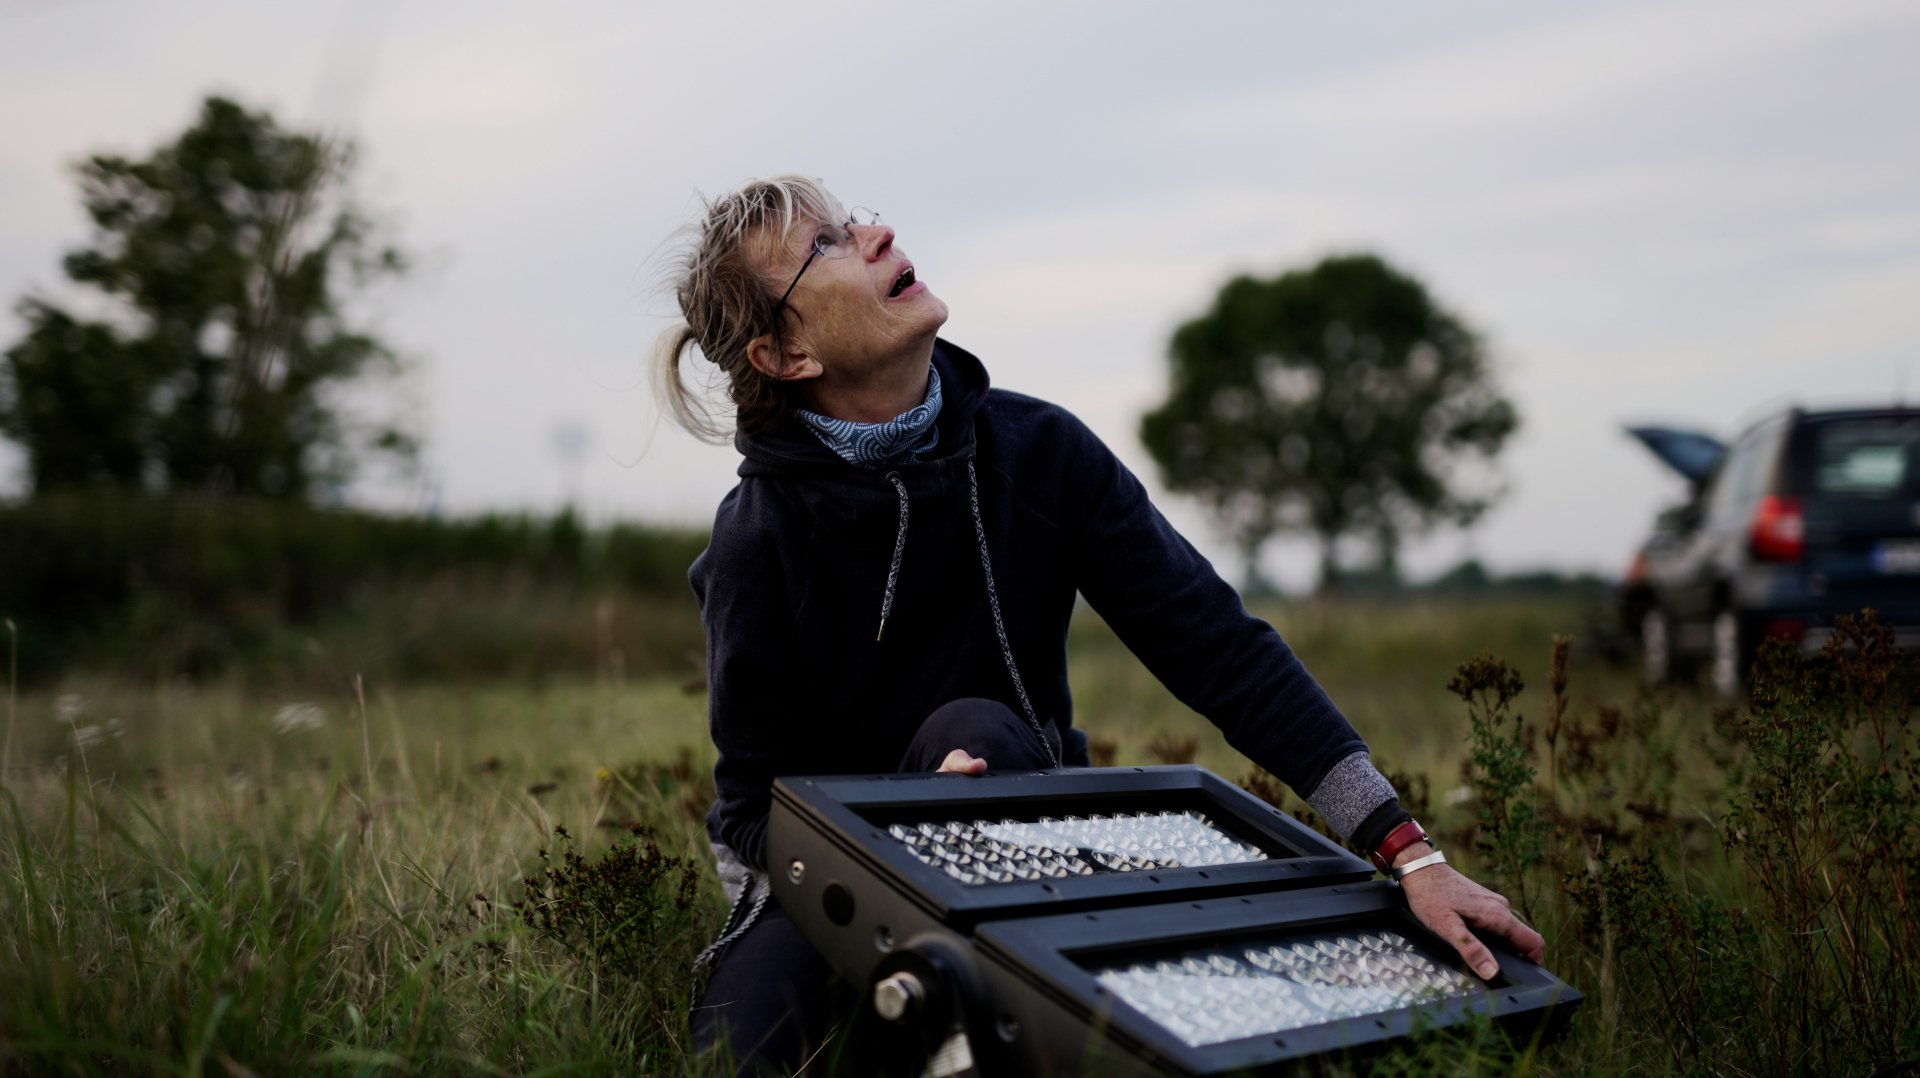 Die Lichtkünstlerin Gisela Meyer-Hahn setzt eine Windkraftanlage mit Lichteinstellungen in Szene. Das Filmteam von Moritz Boll nimmt Frau Meyer-Hahn gerade an Ihrem Mischpult vor der Windkraftanlage auf.